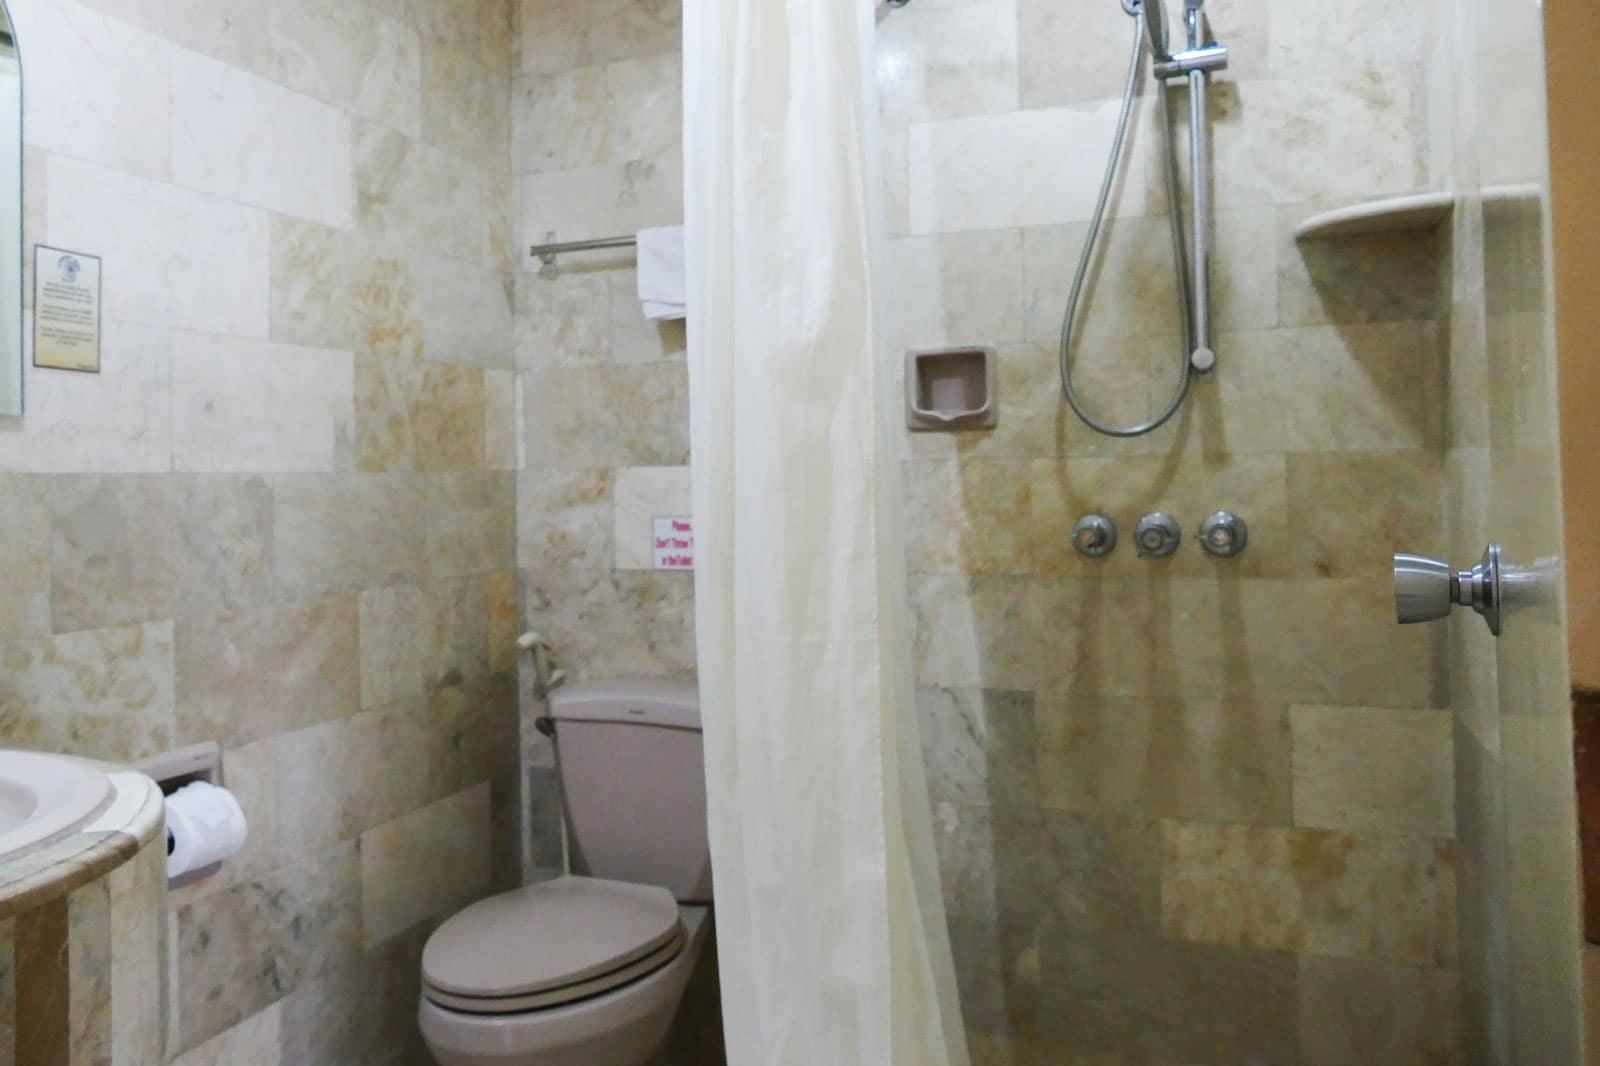 Clarkton Hotel Angeles Economy Room 3